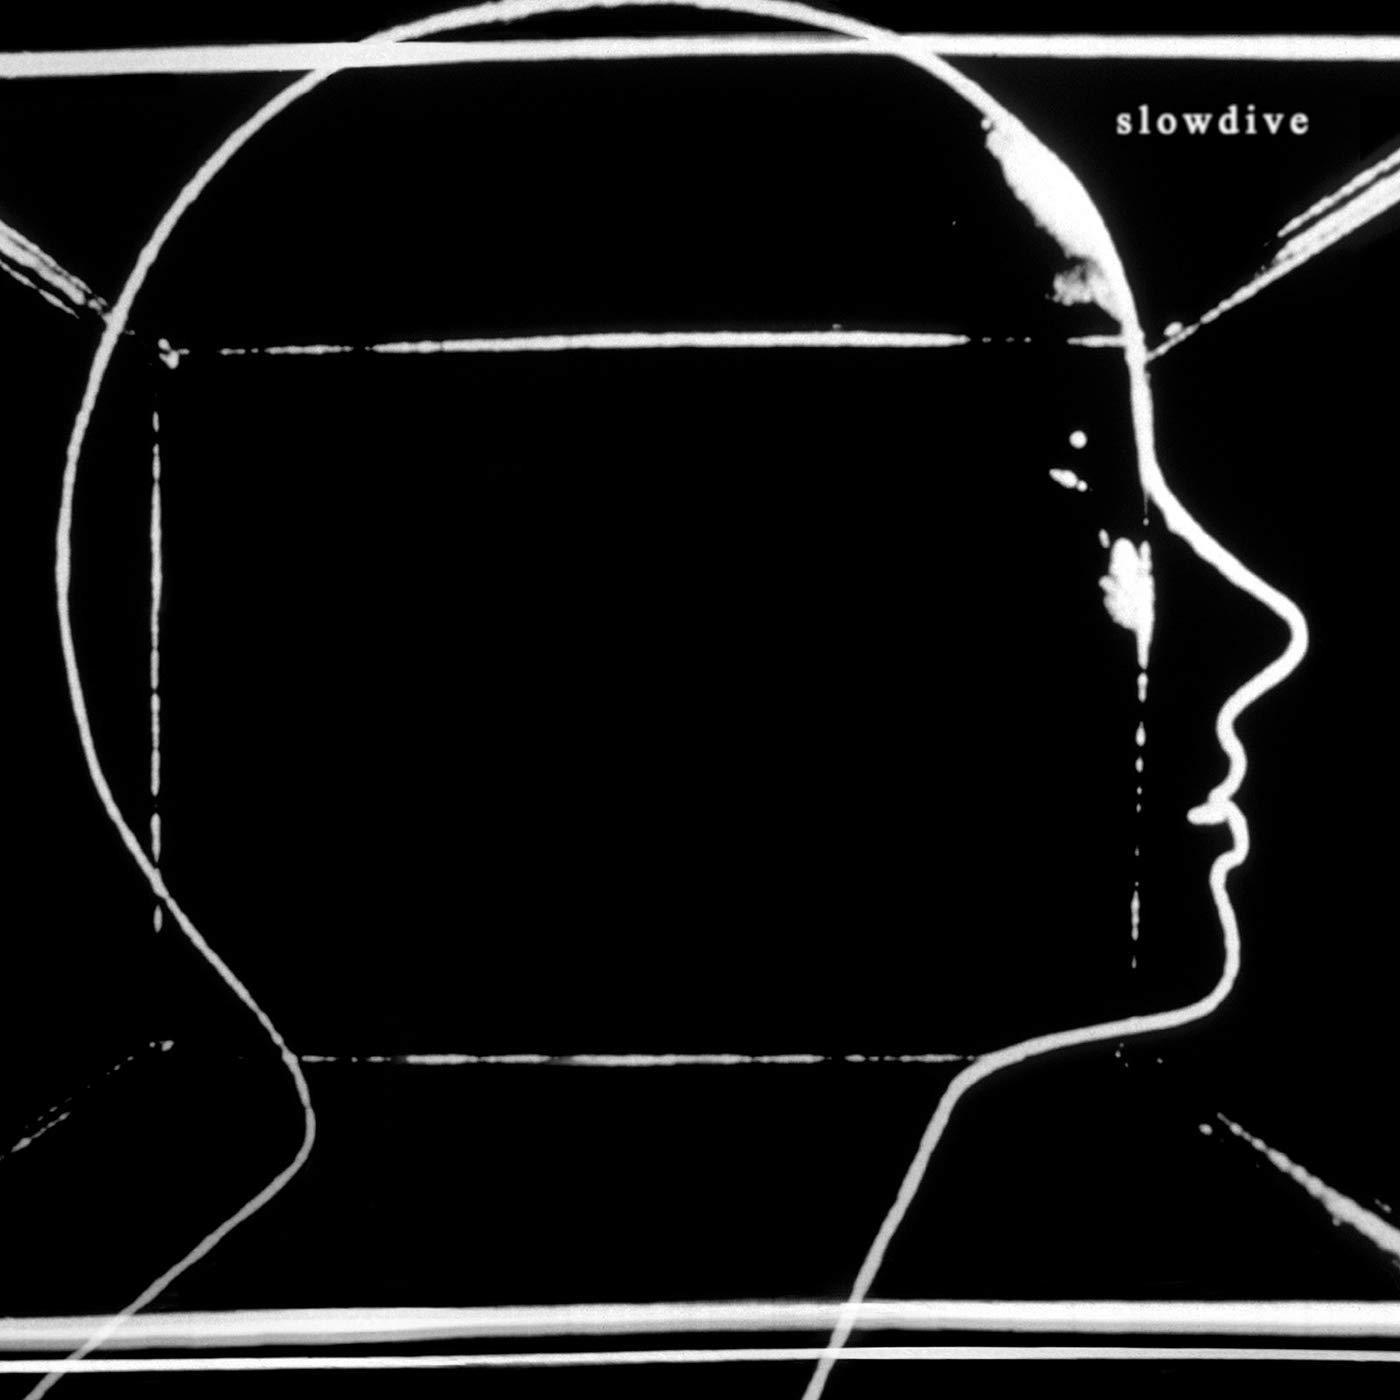 Slowdive: Slowdive: Amazon.es: Música